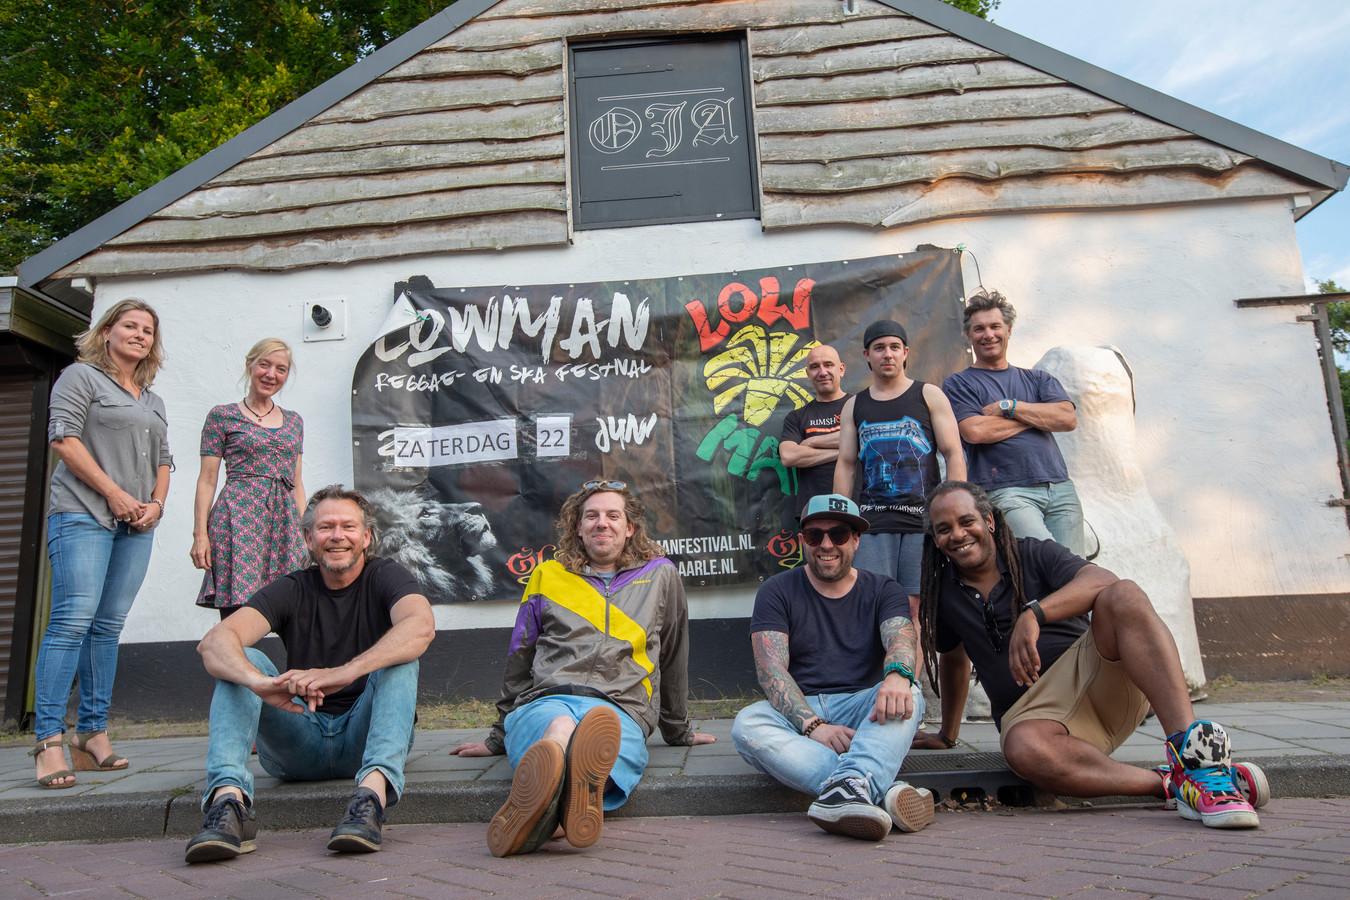 Organisatoren Lowman Reggeafestival in Aarle Rixtel